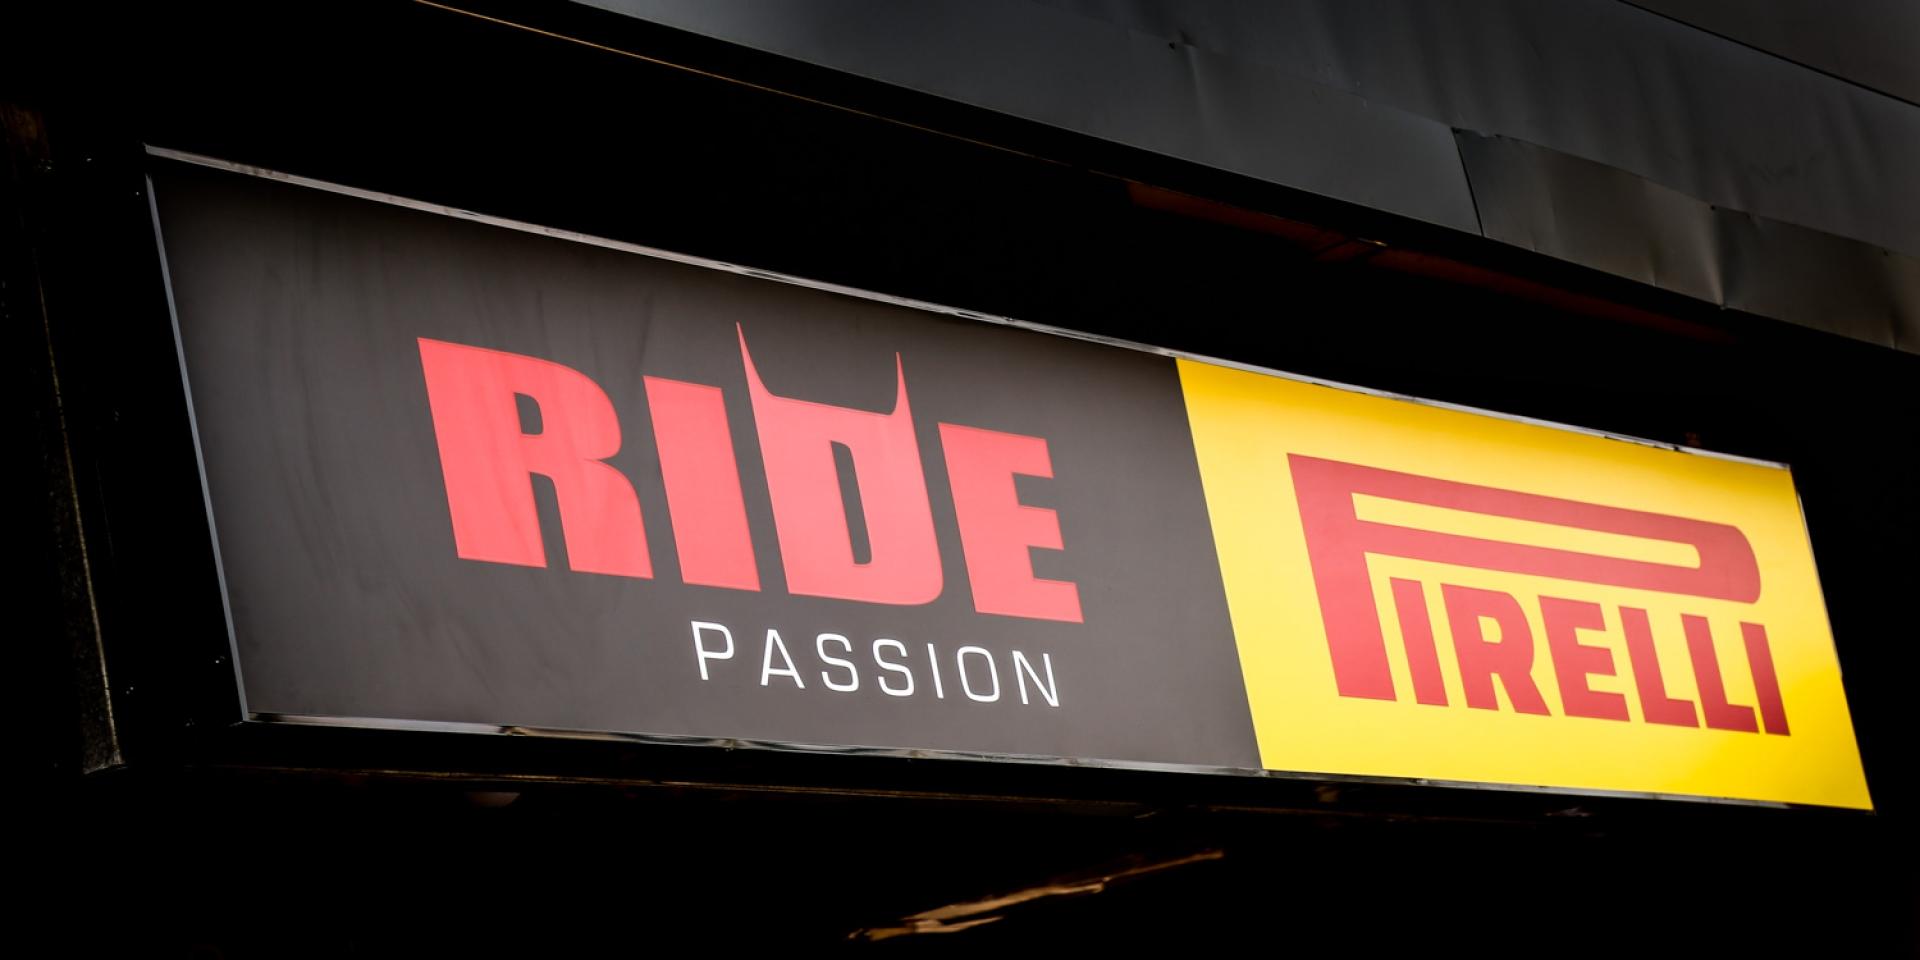 PIRELLI品牌形象店登陸南台灣,高雄RIDE PASSION正式啟動